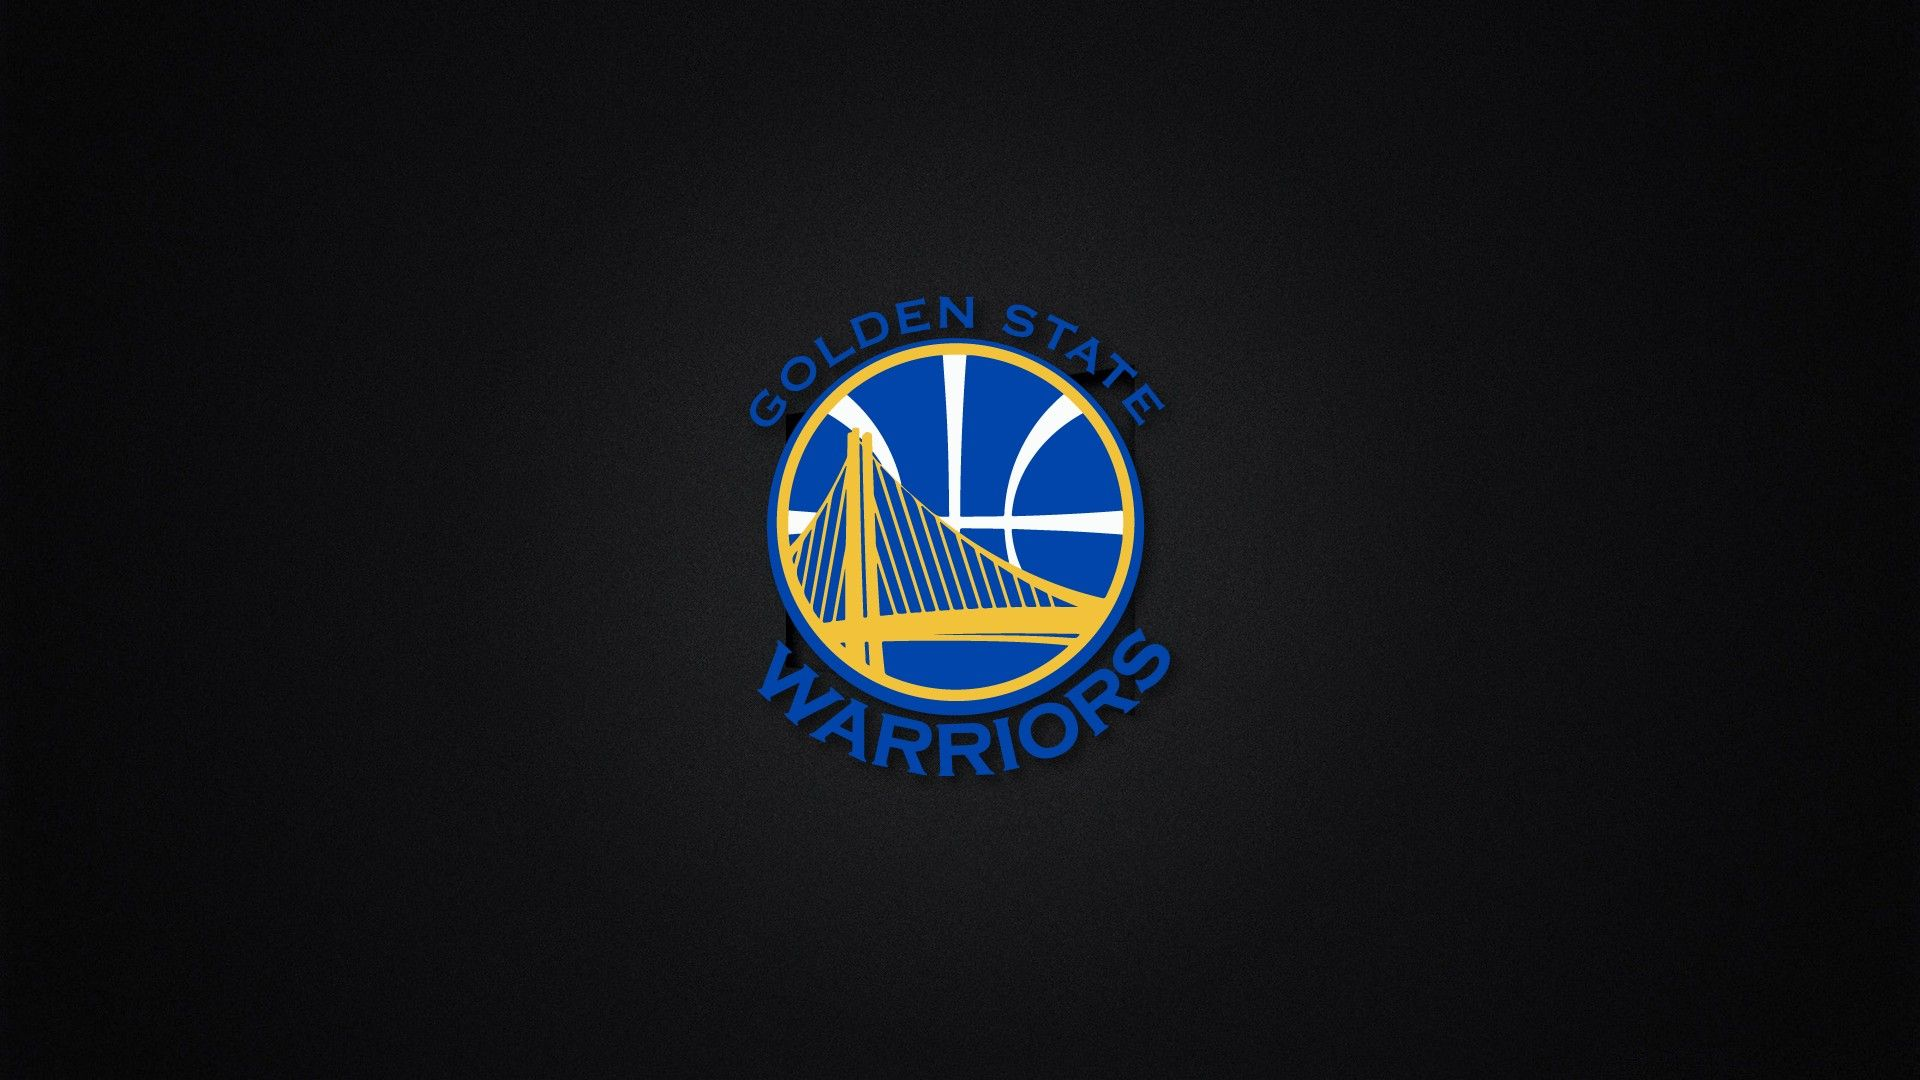 Wallpaper Desktop Golden State Warriors Nba Hd Is The Perfect High